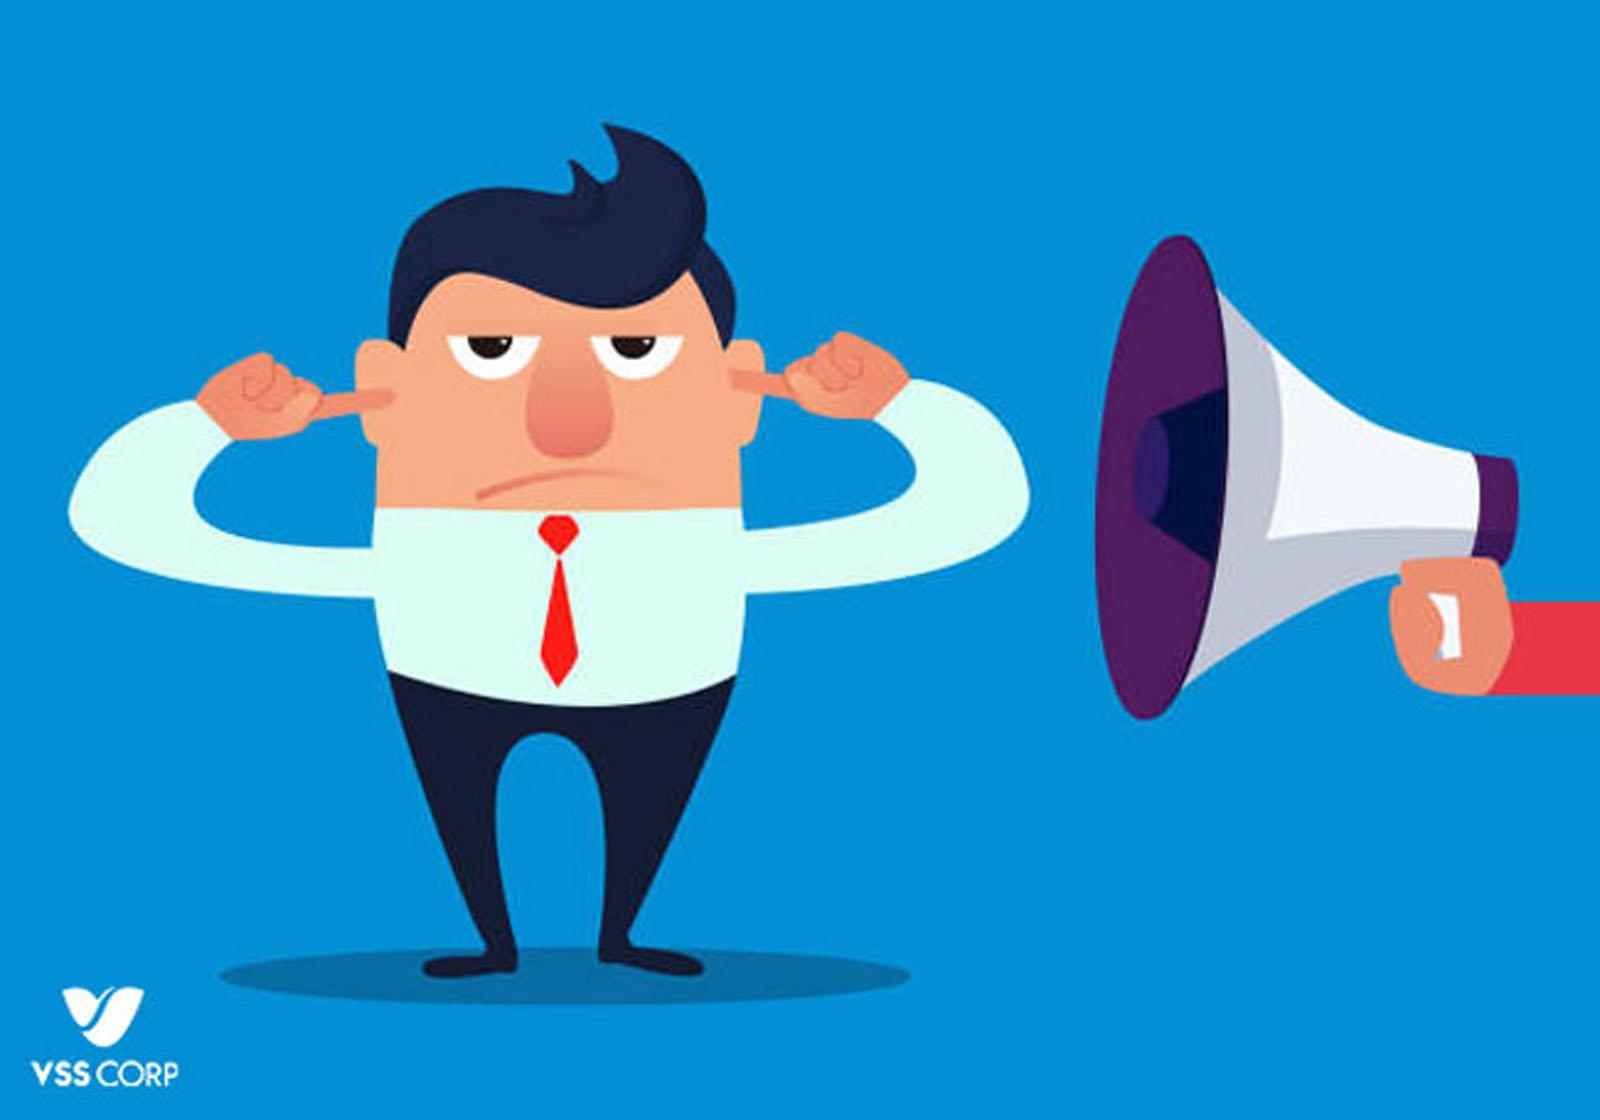 """VSSCORP: Lý do cho tâm lý """"ghét quảng cáo"""" của khách hàng và tip cứu cánh"""